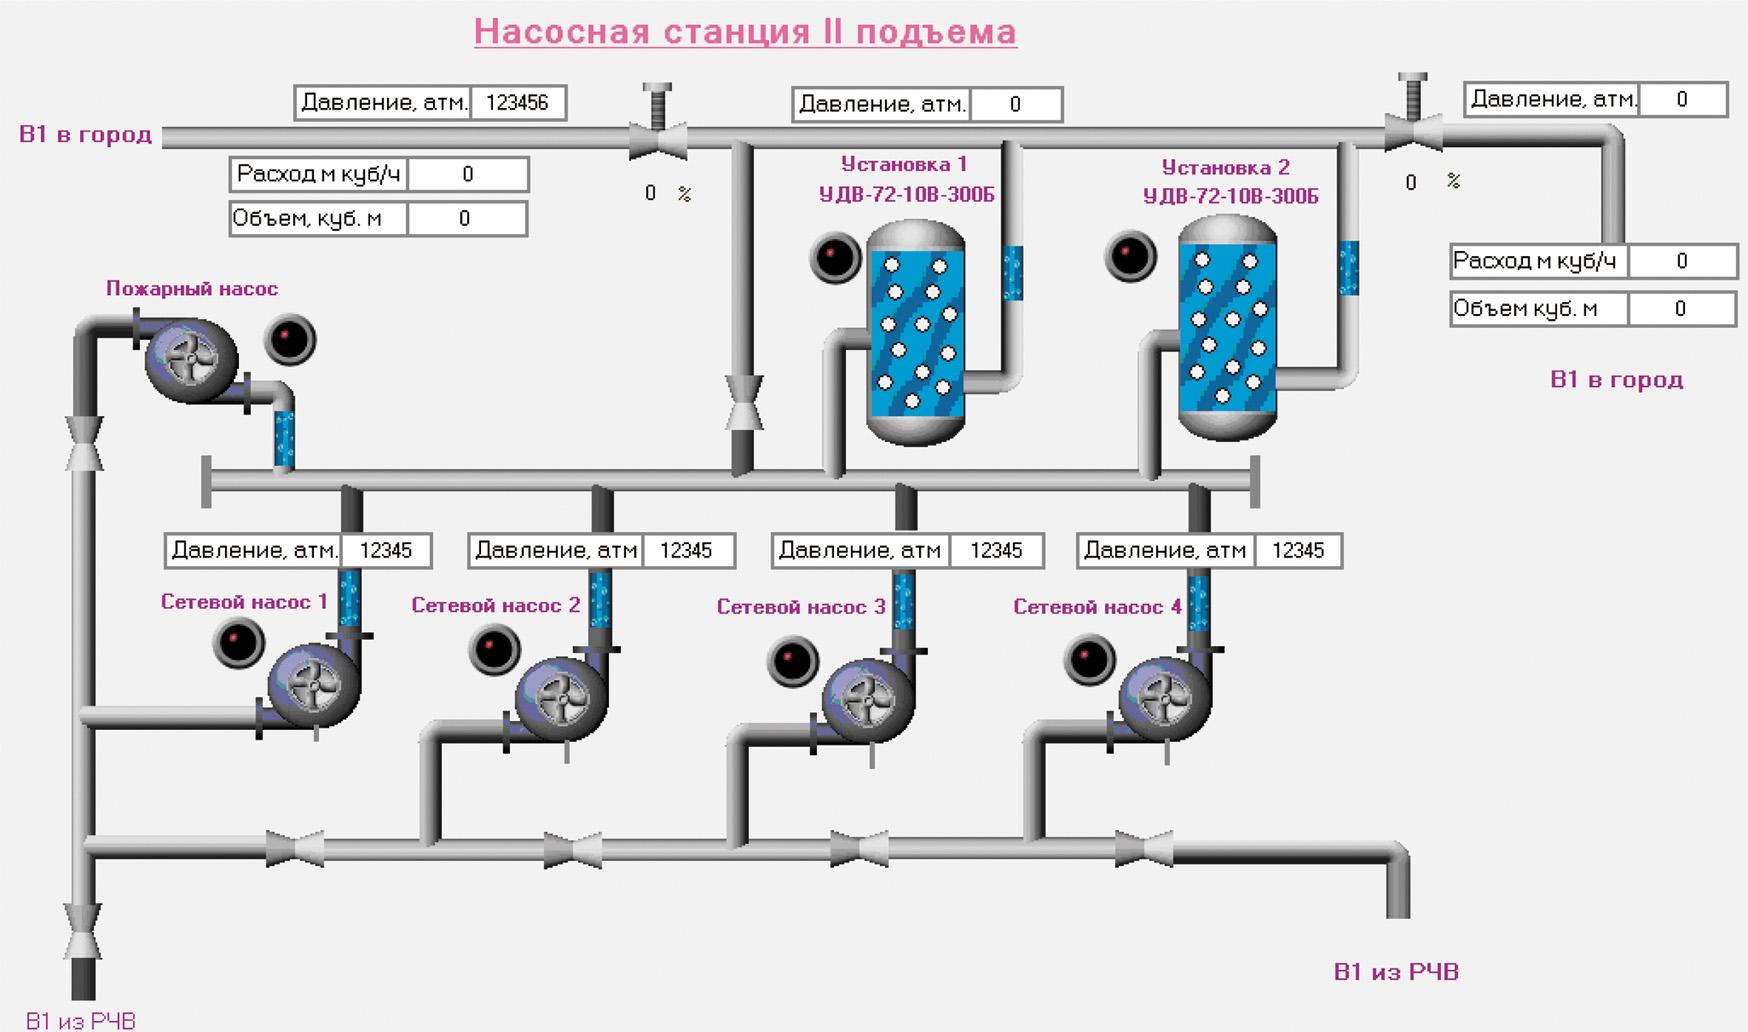 Мнемосхема машинного зала насосной станции второго подъема